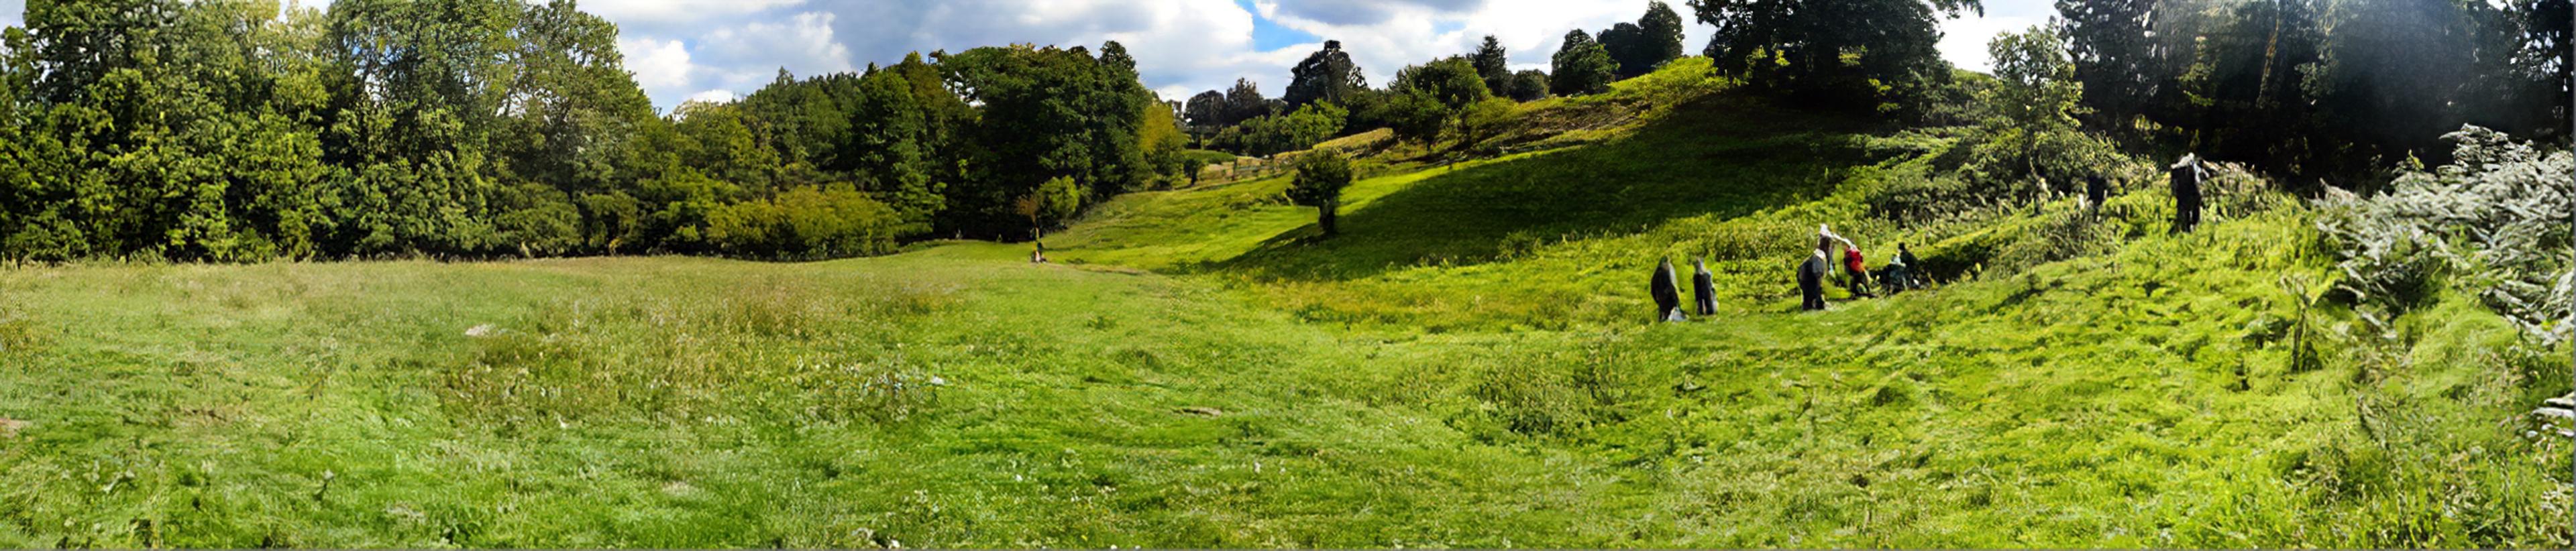 Snuffmill wet meadow